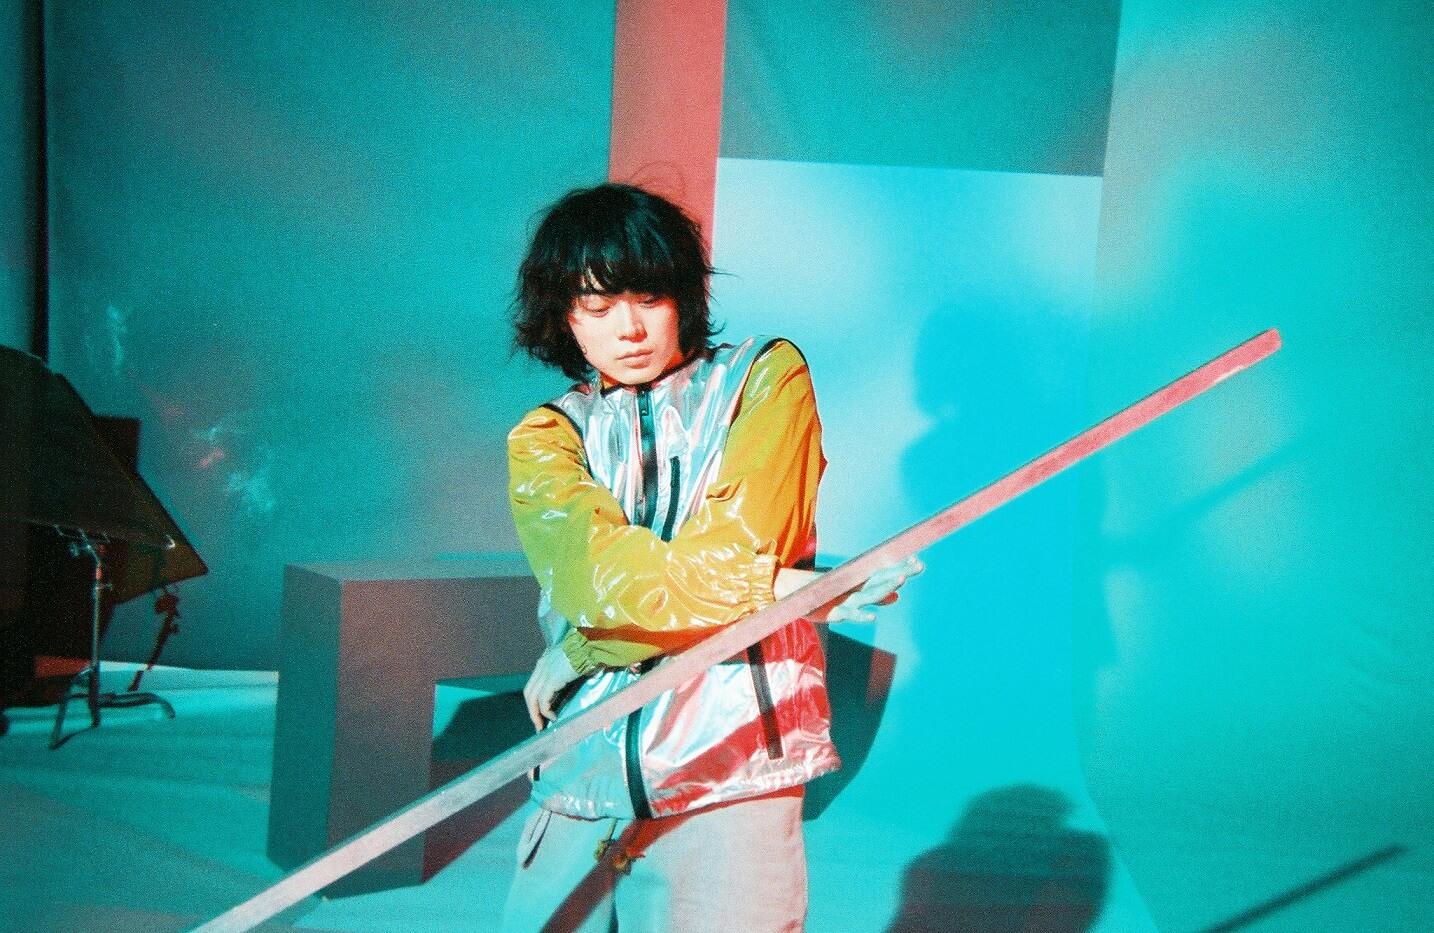 菅田将暉、プライベートで人だかりを作ってしまい「よく気づいたな、逆に」サムネイル画像